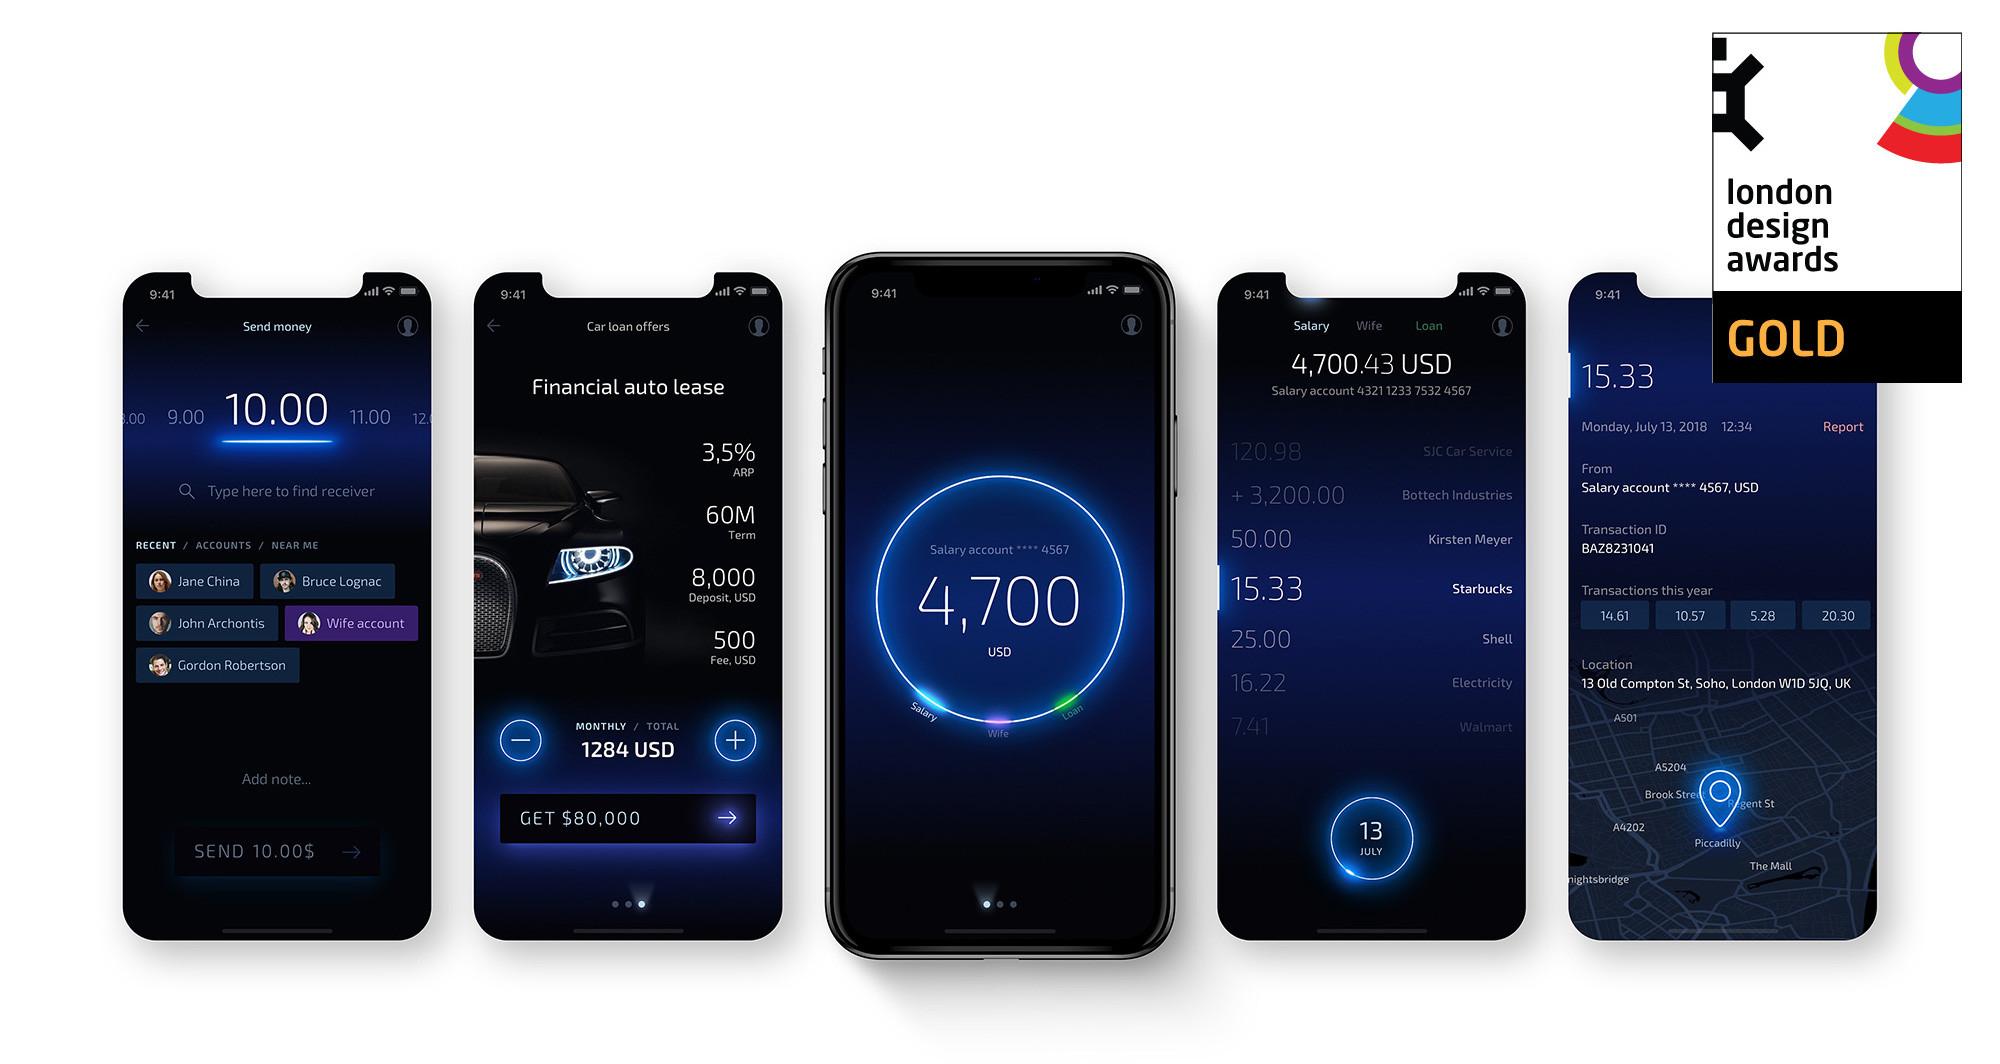 ux-design-award-winning-mobile-banking-app-uxda